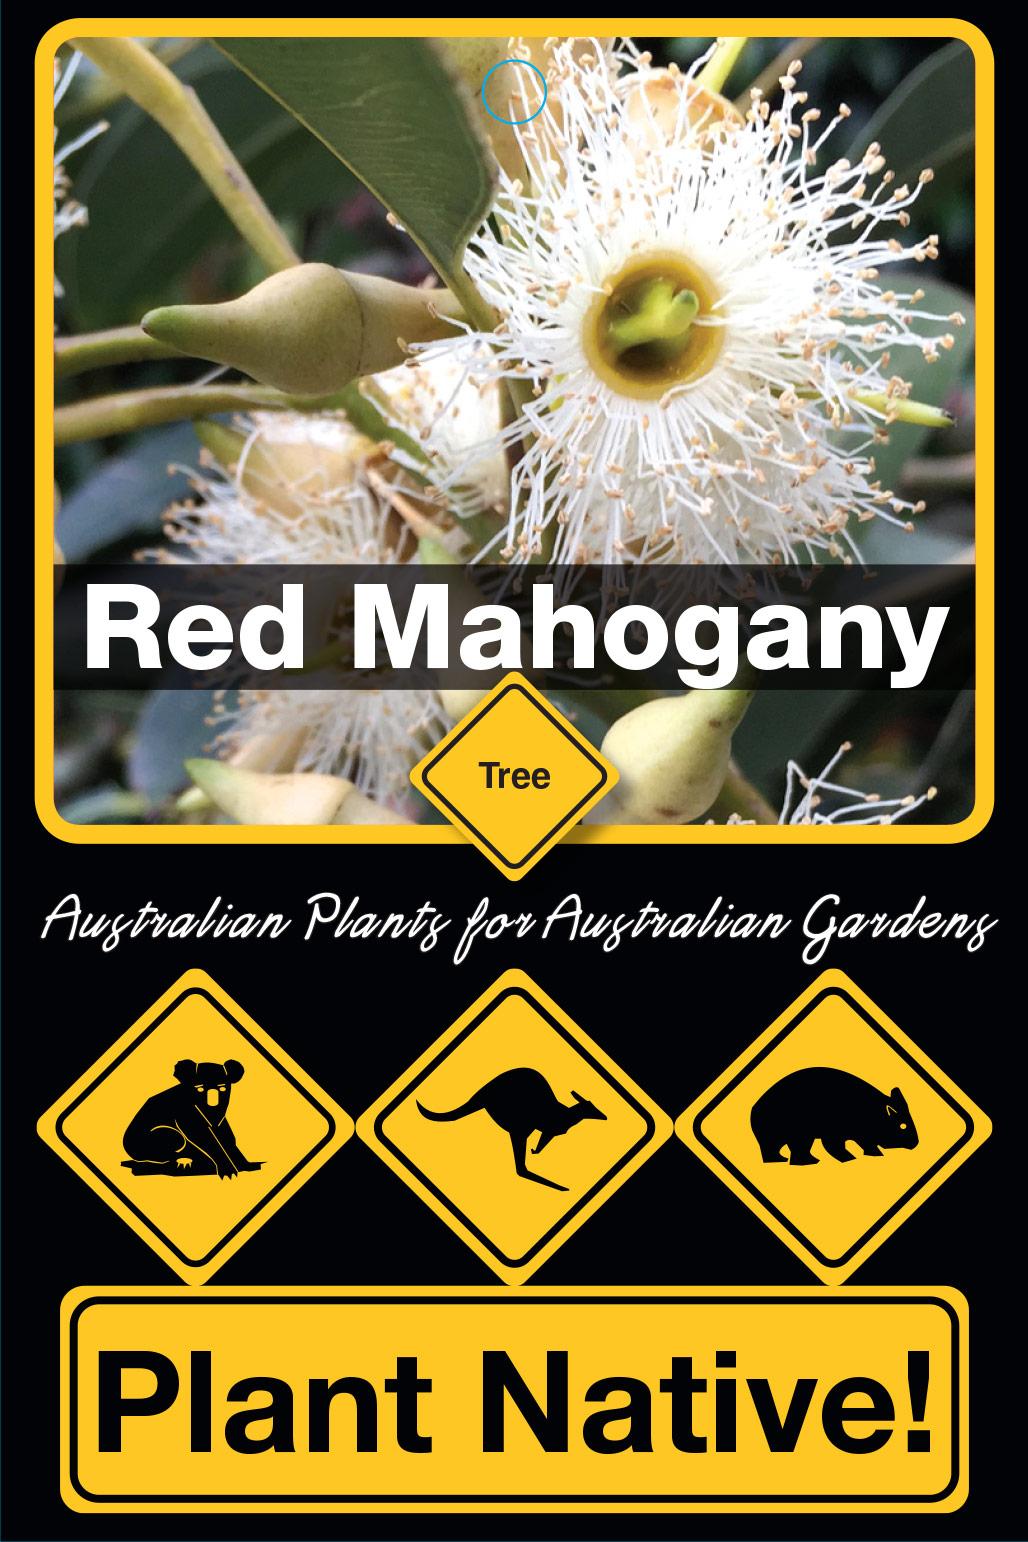 Red Mahogany - Plant Native!